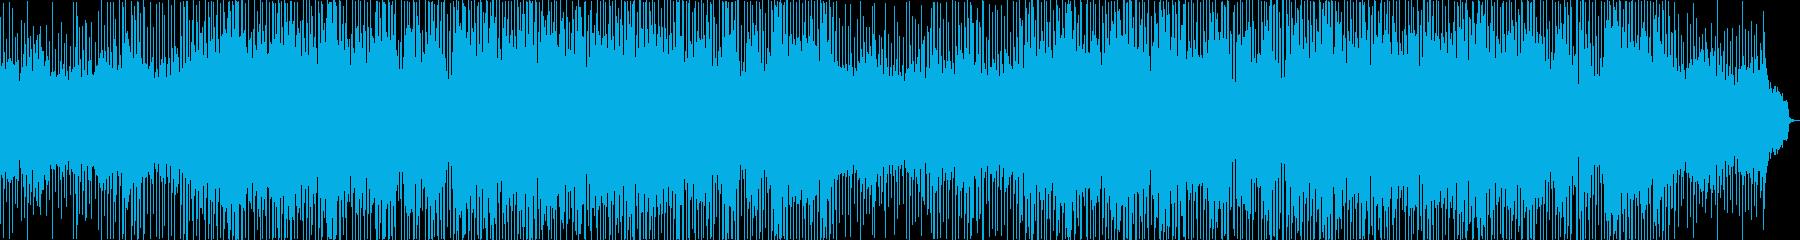 爽やか・楽しい・軽快・かわいいウクレレaの再生済みの波形